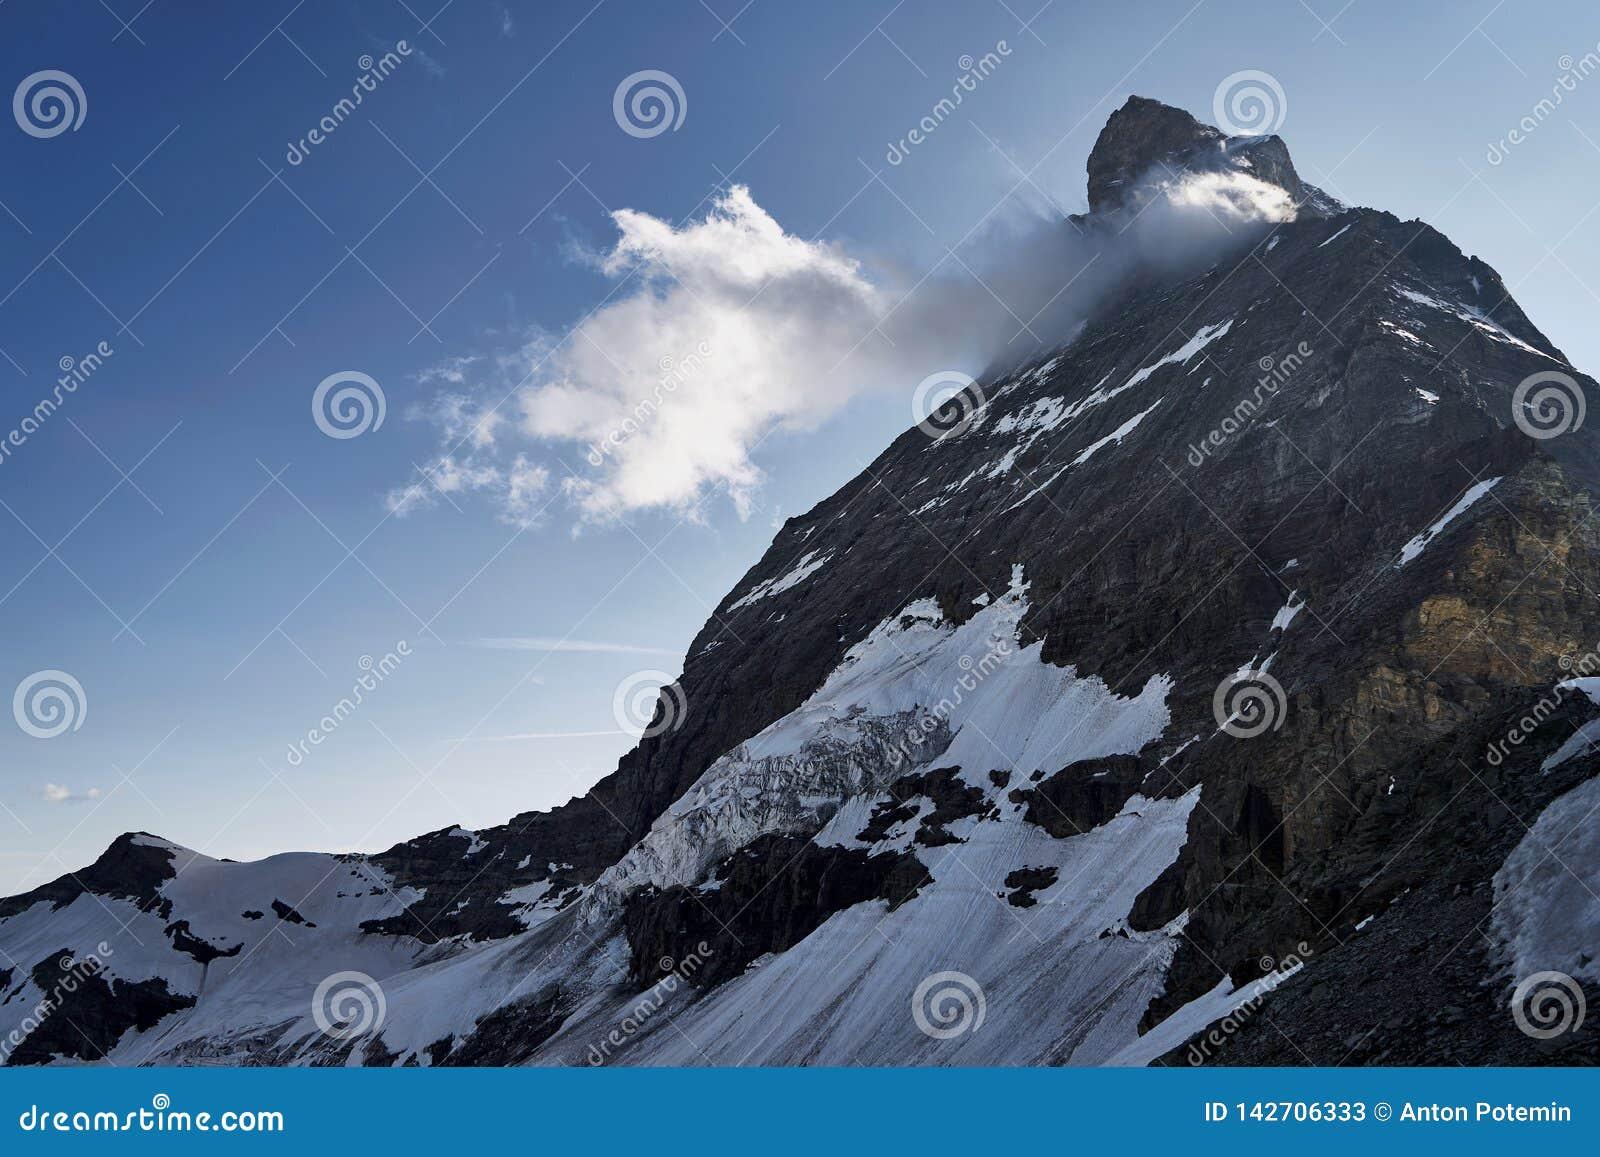 Κορυφή του βουνού matterhorn που καλύπτεται από τα σύννεφα